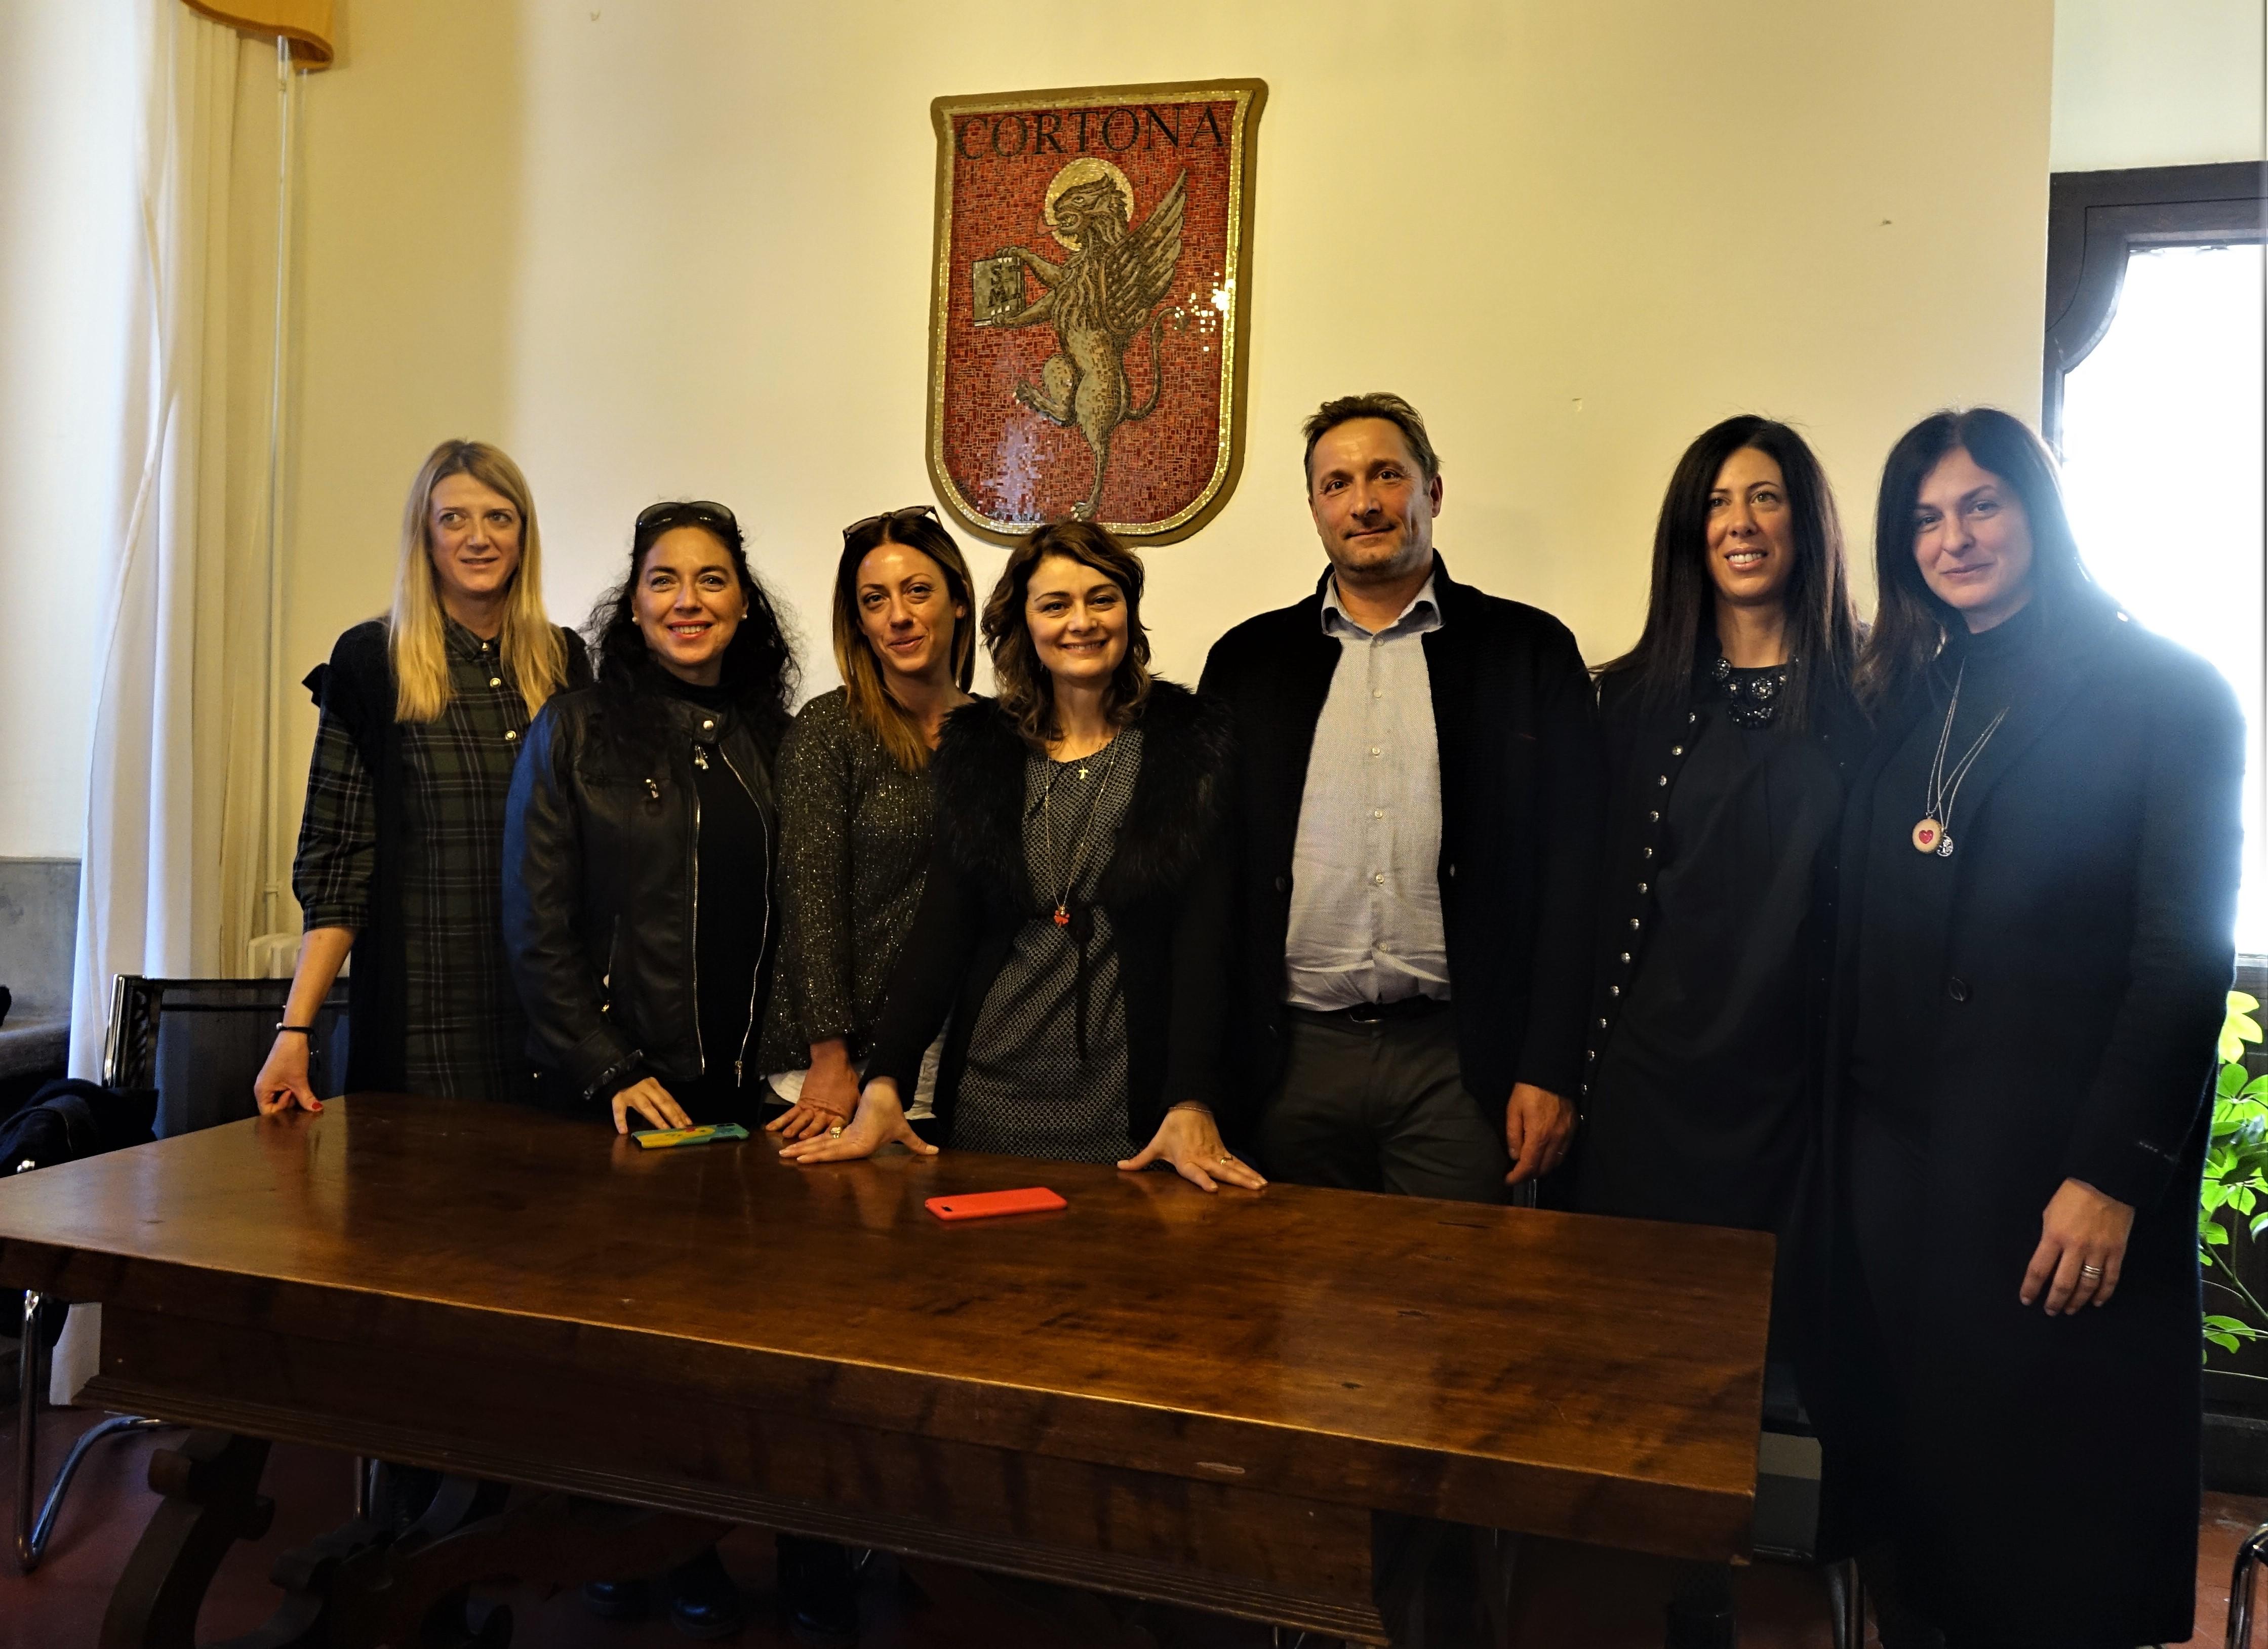 Natale a Cortona, il bilancio degli organizzatori è estremamente positivo